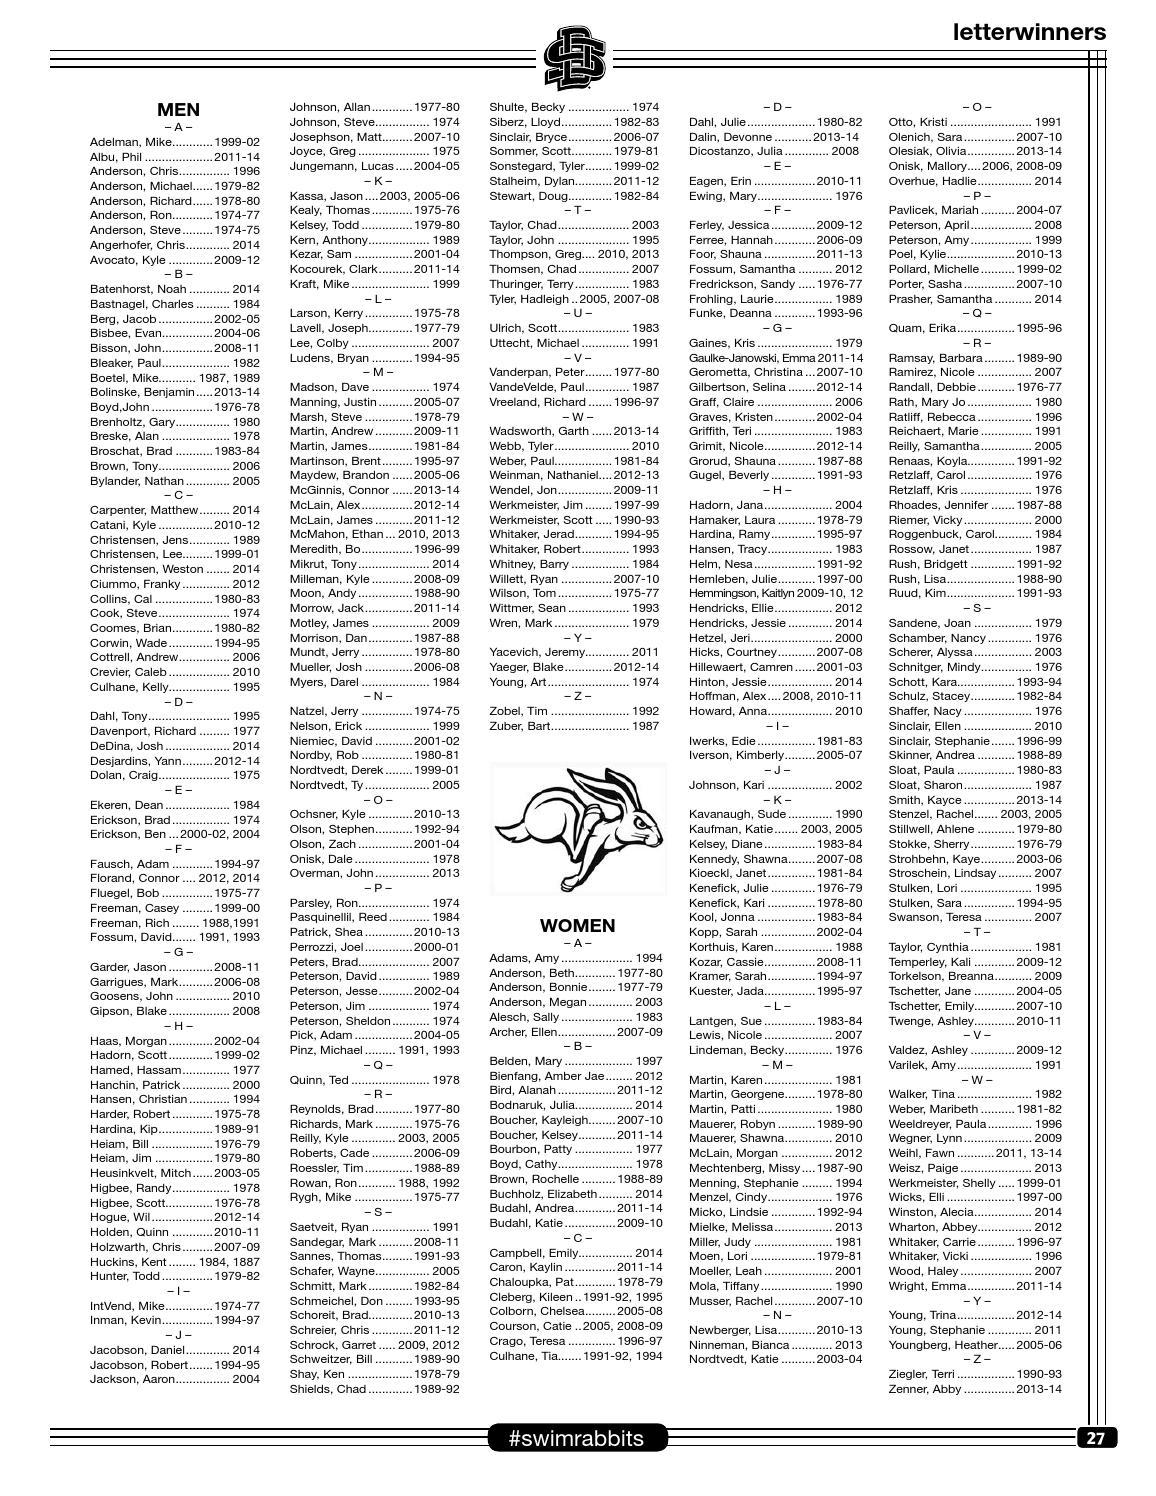 James Nesbitt (born 1965),Keala Kennelly Sex pics Austin MacDonald,Jessalyn Gilsig